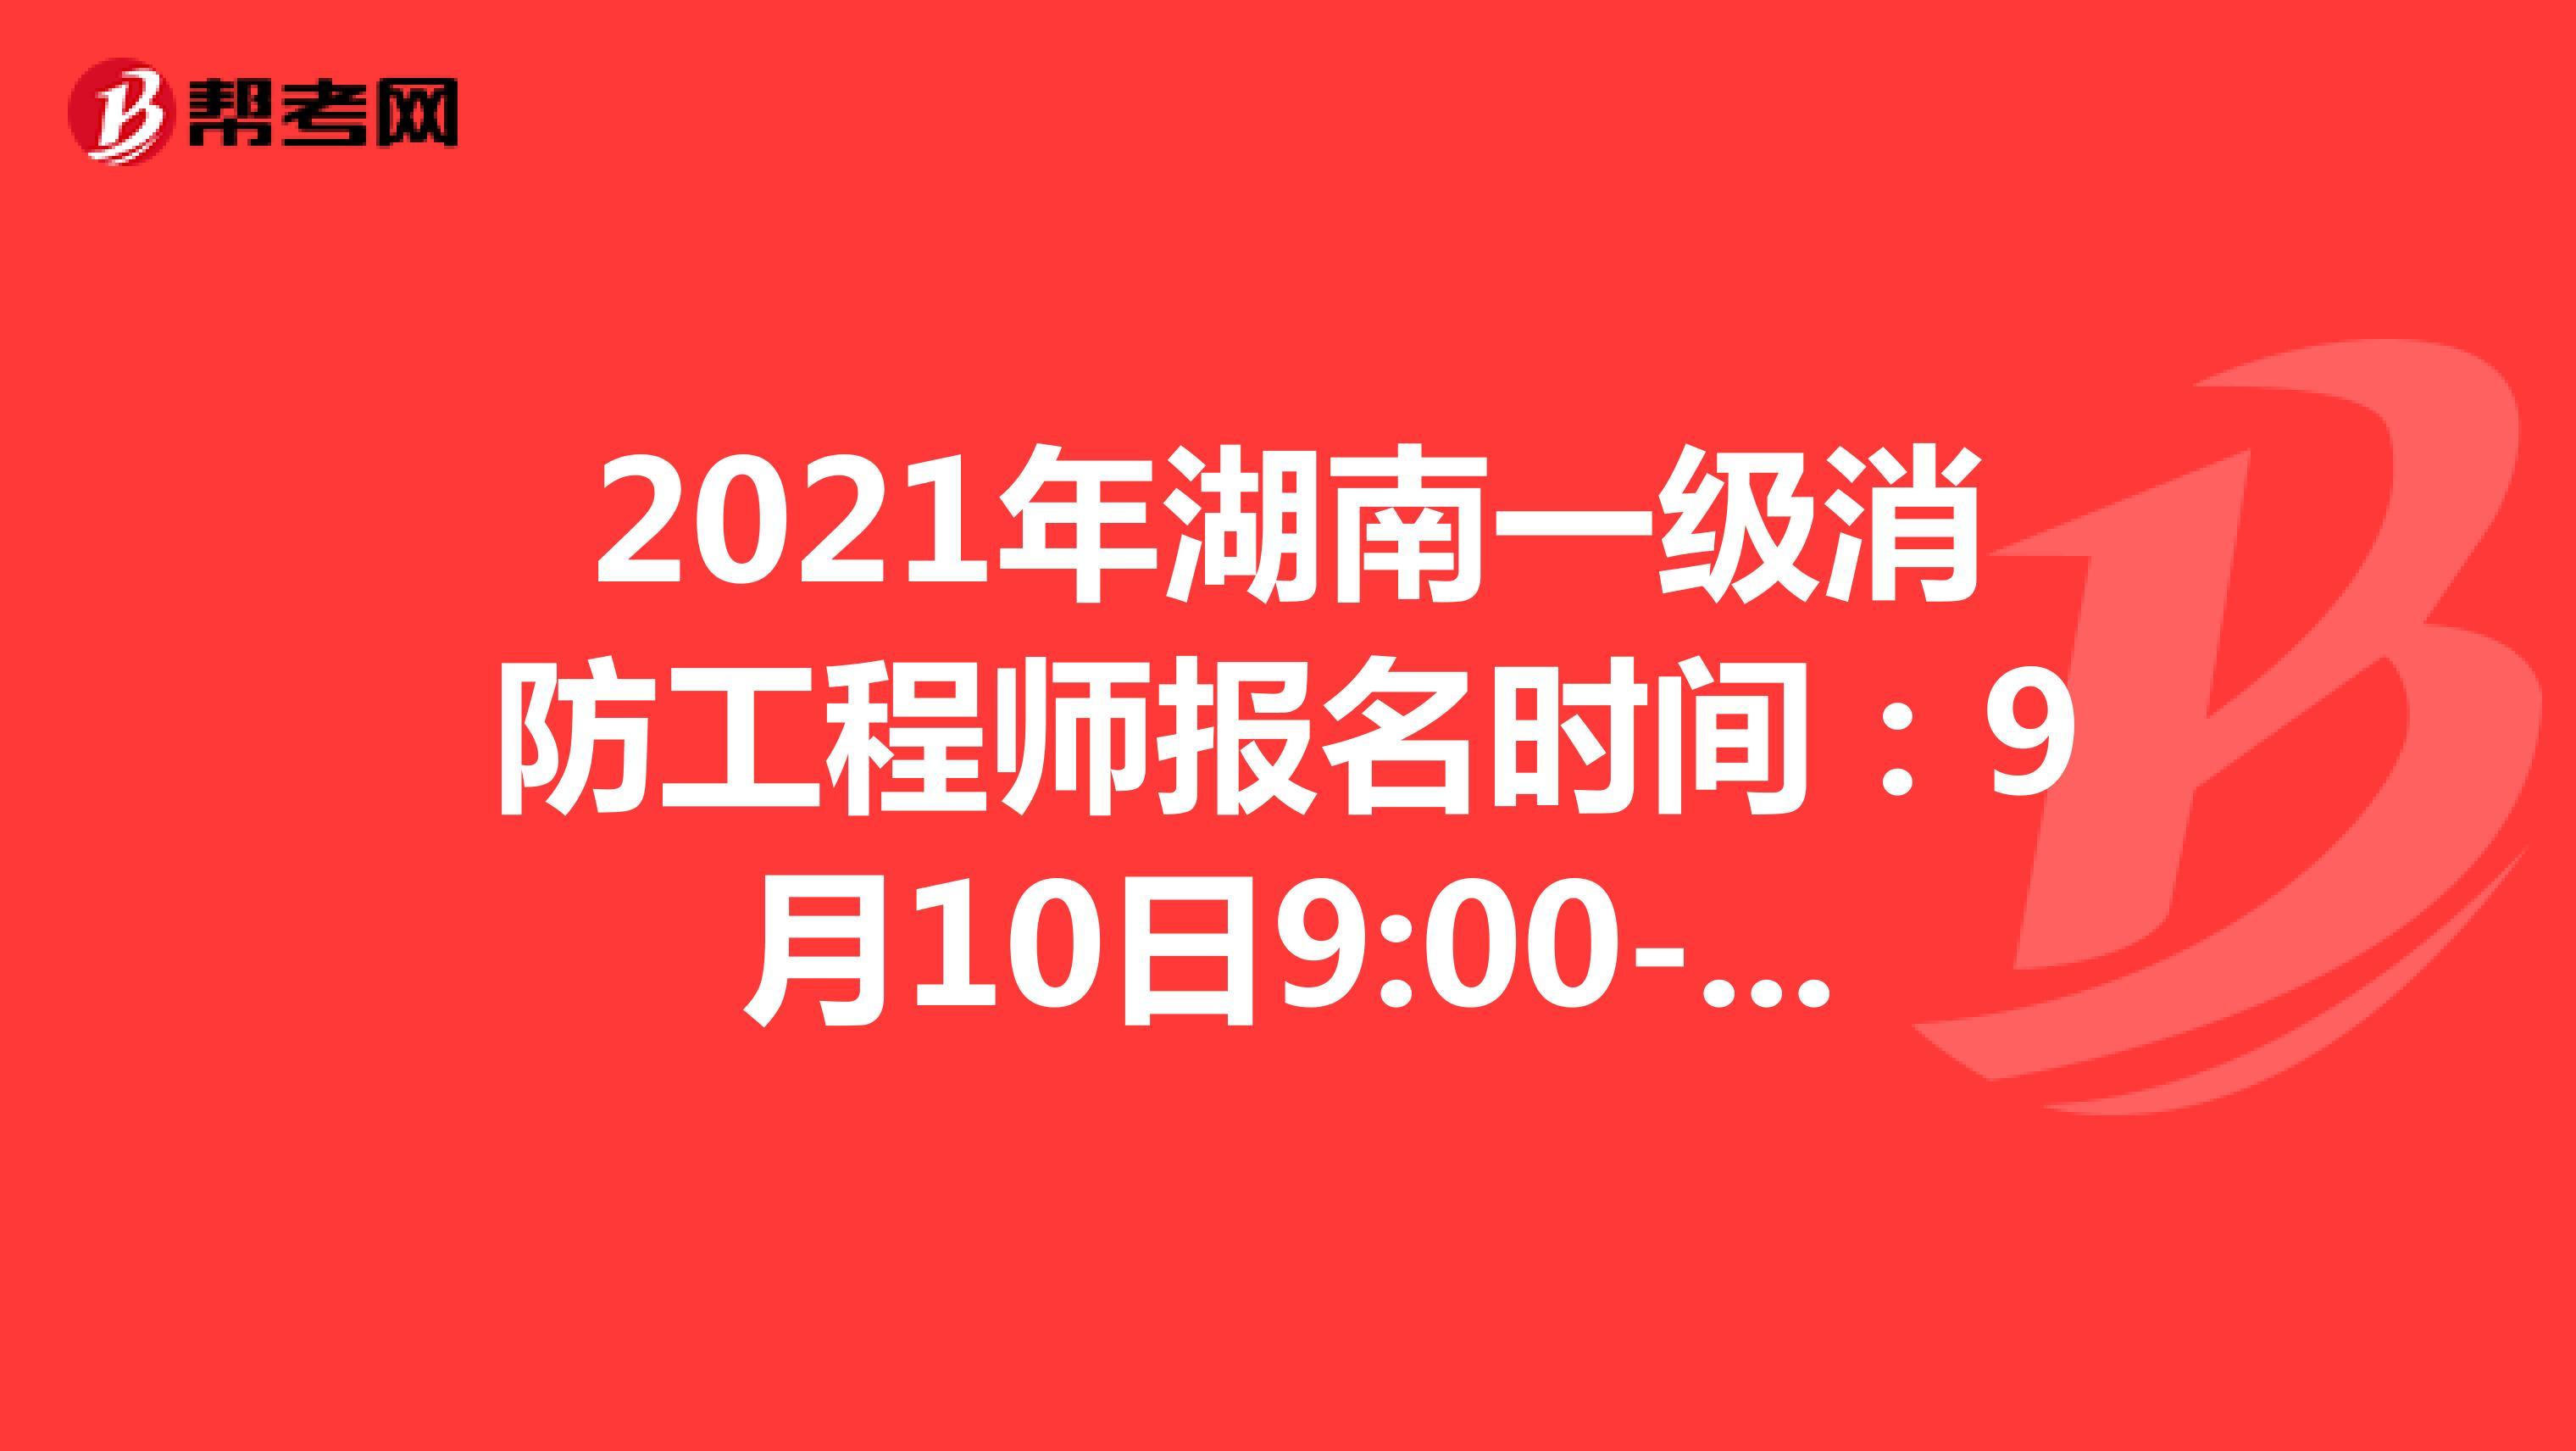 2021年湖南一级消防工程师报名时间:9月10日9:00-9月17日17:00